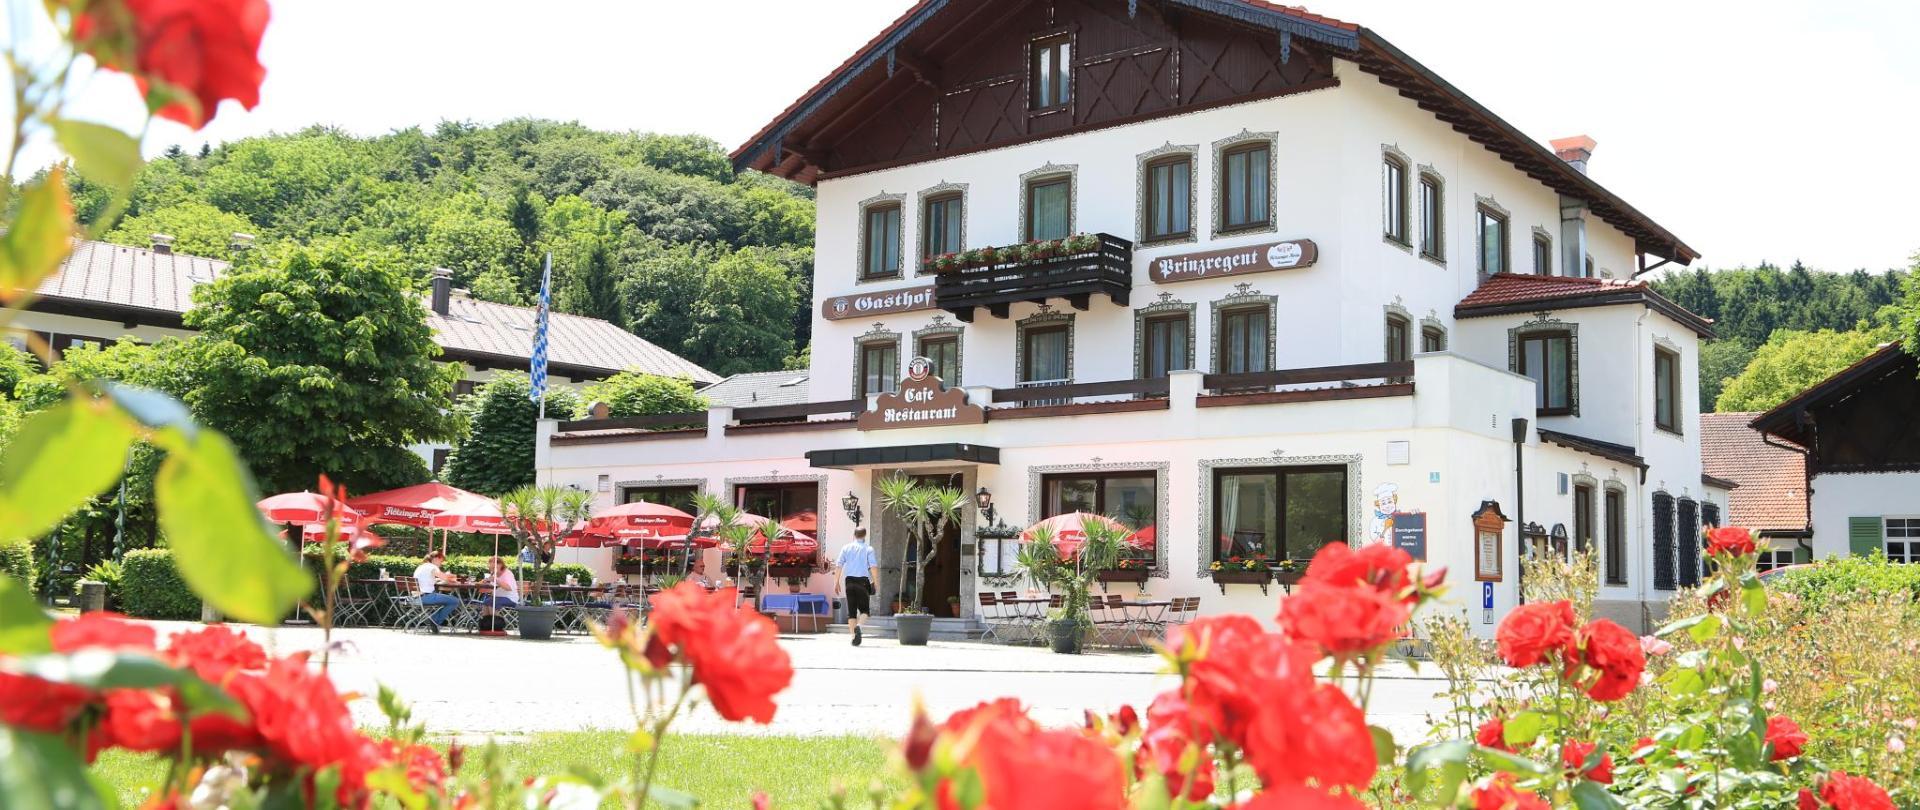 Gasthof Prinzregent Superior